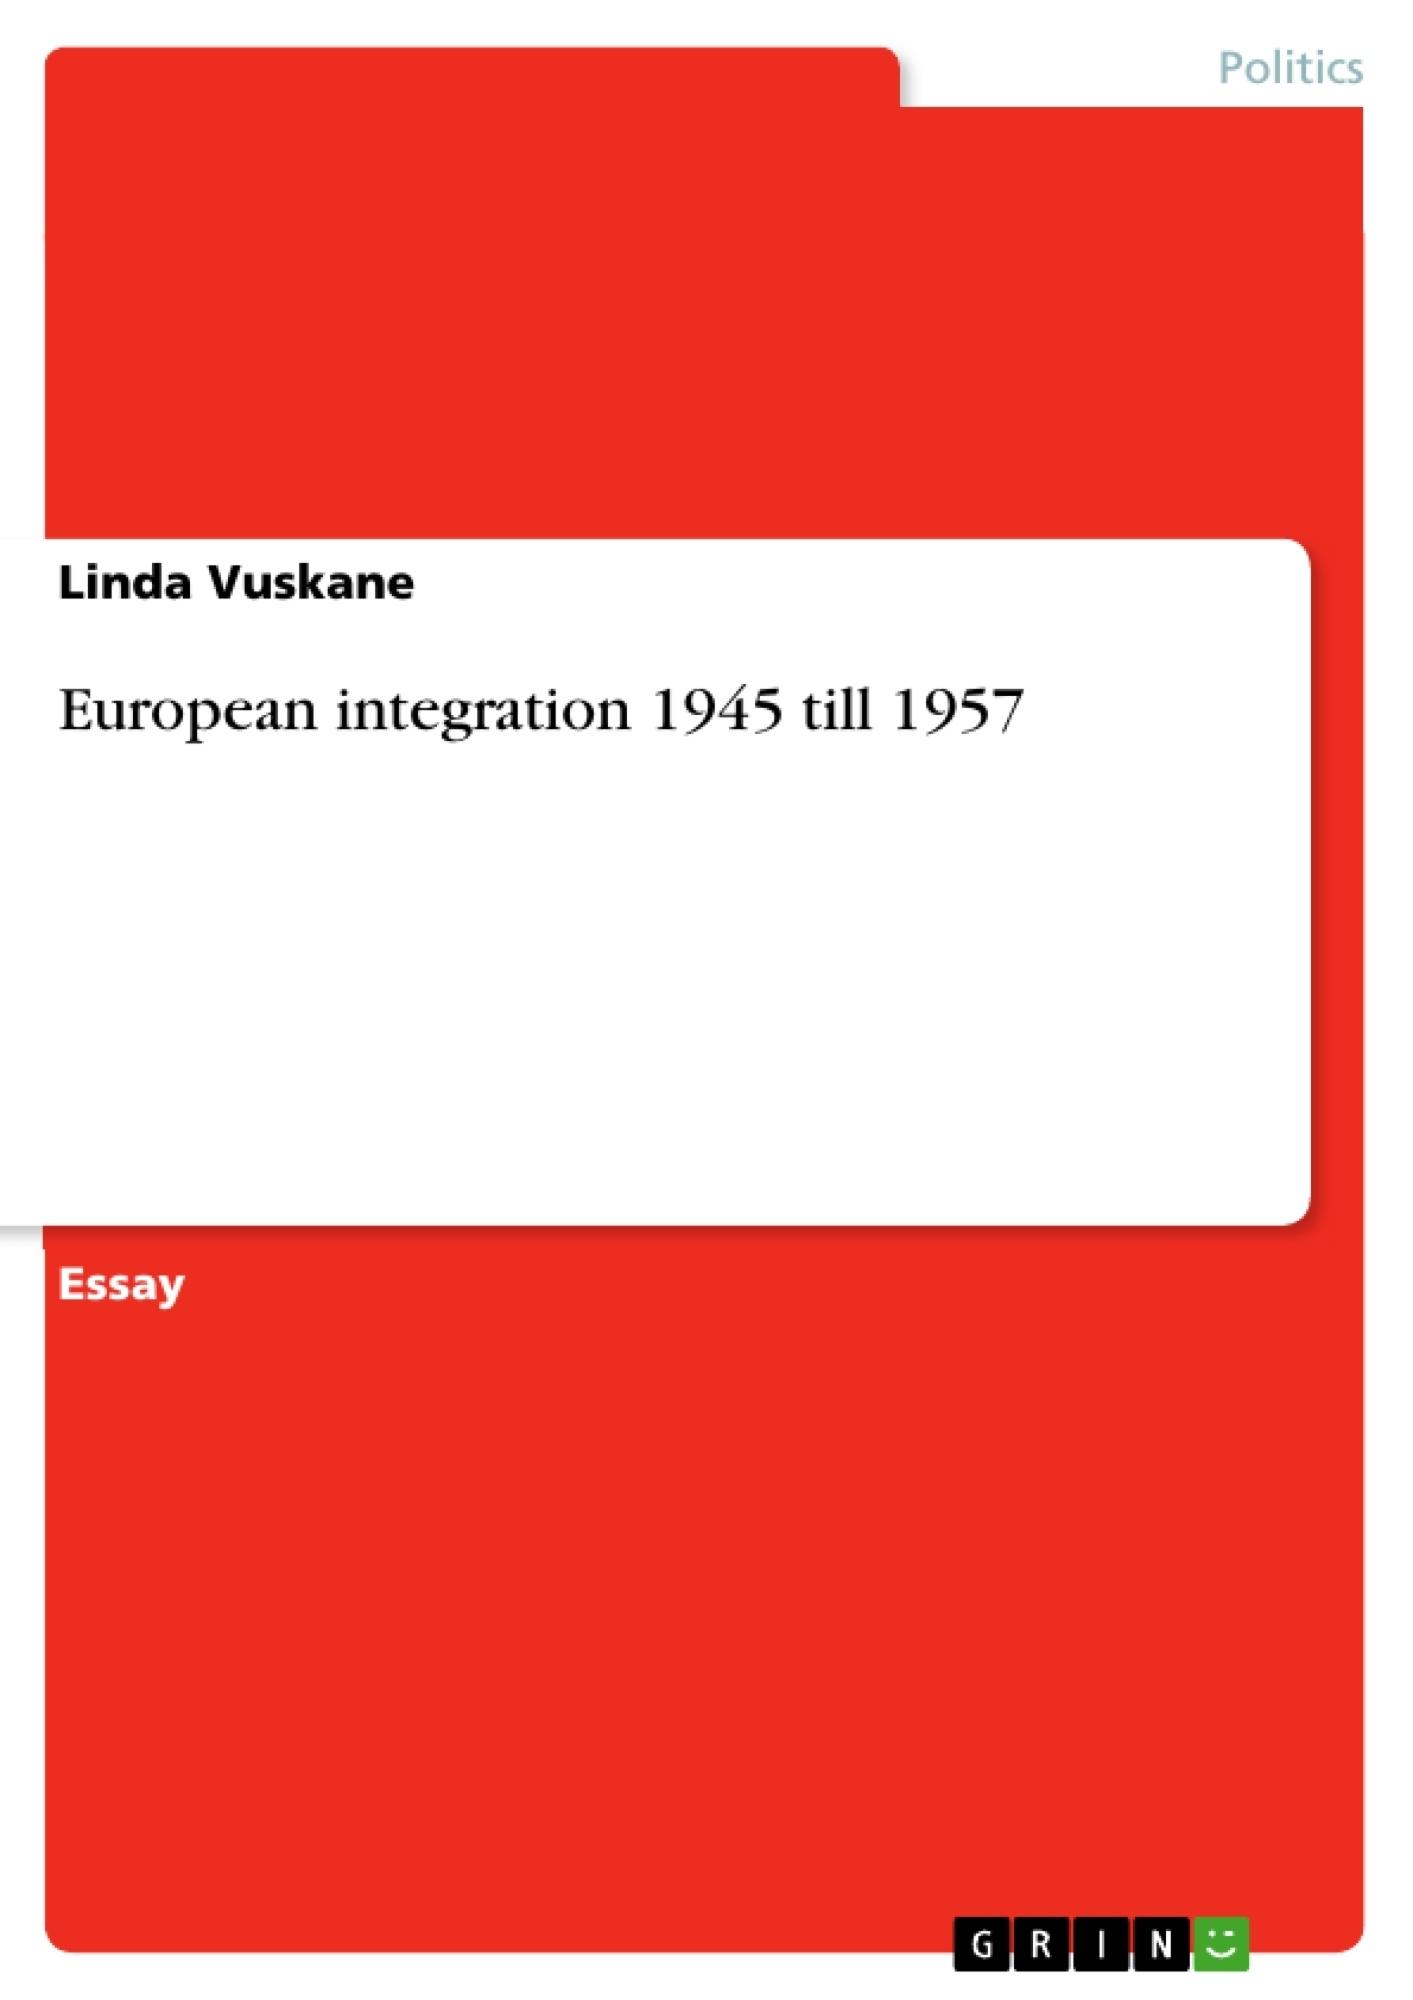 Title: European integration 1945 till 1957